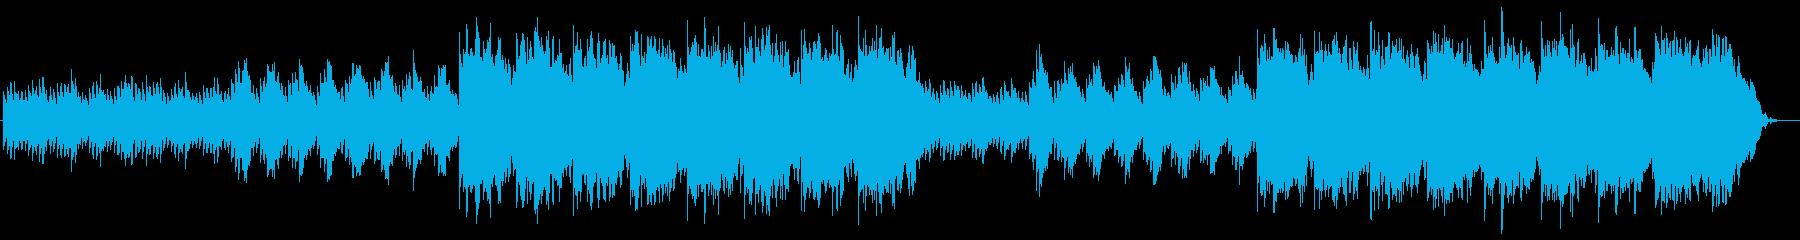 ベルの幻想的なプレリュードの再生済みの波形